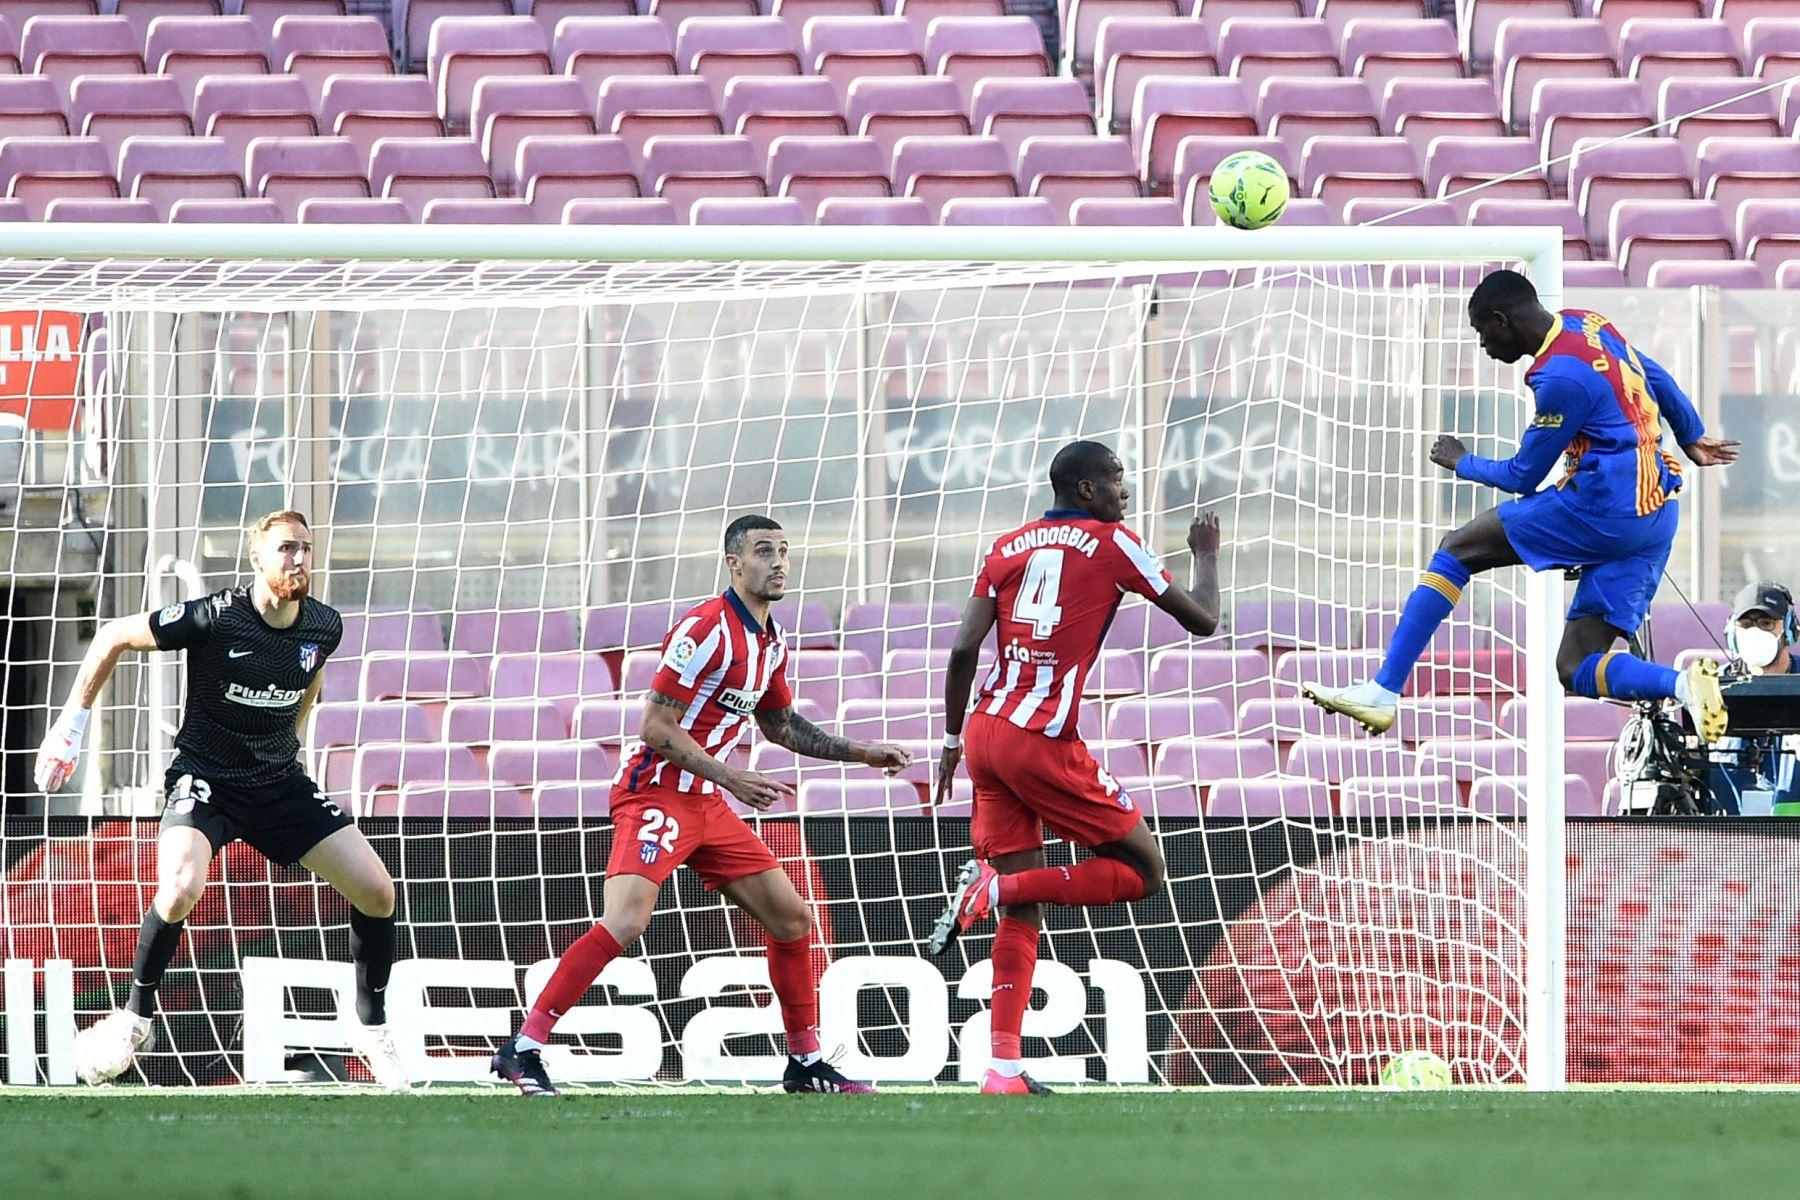 El delantero francés del Barcelona Ousmane Dembele  encabeza el balón durante el partido de fútbol de la liga española FC Barcelona contra el Club Atlético de Madrid. Foto: AFP